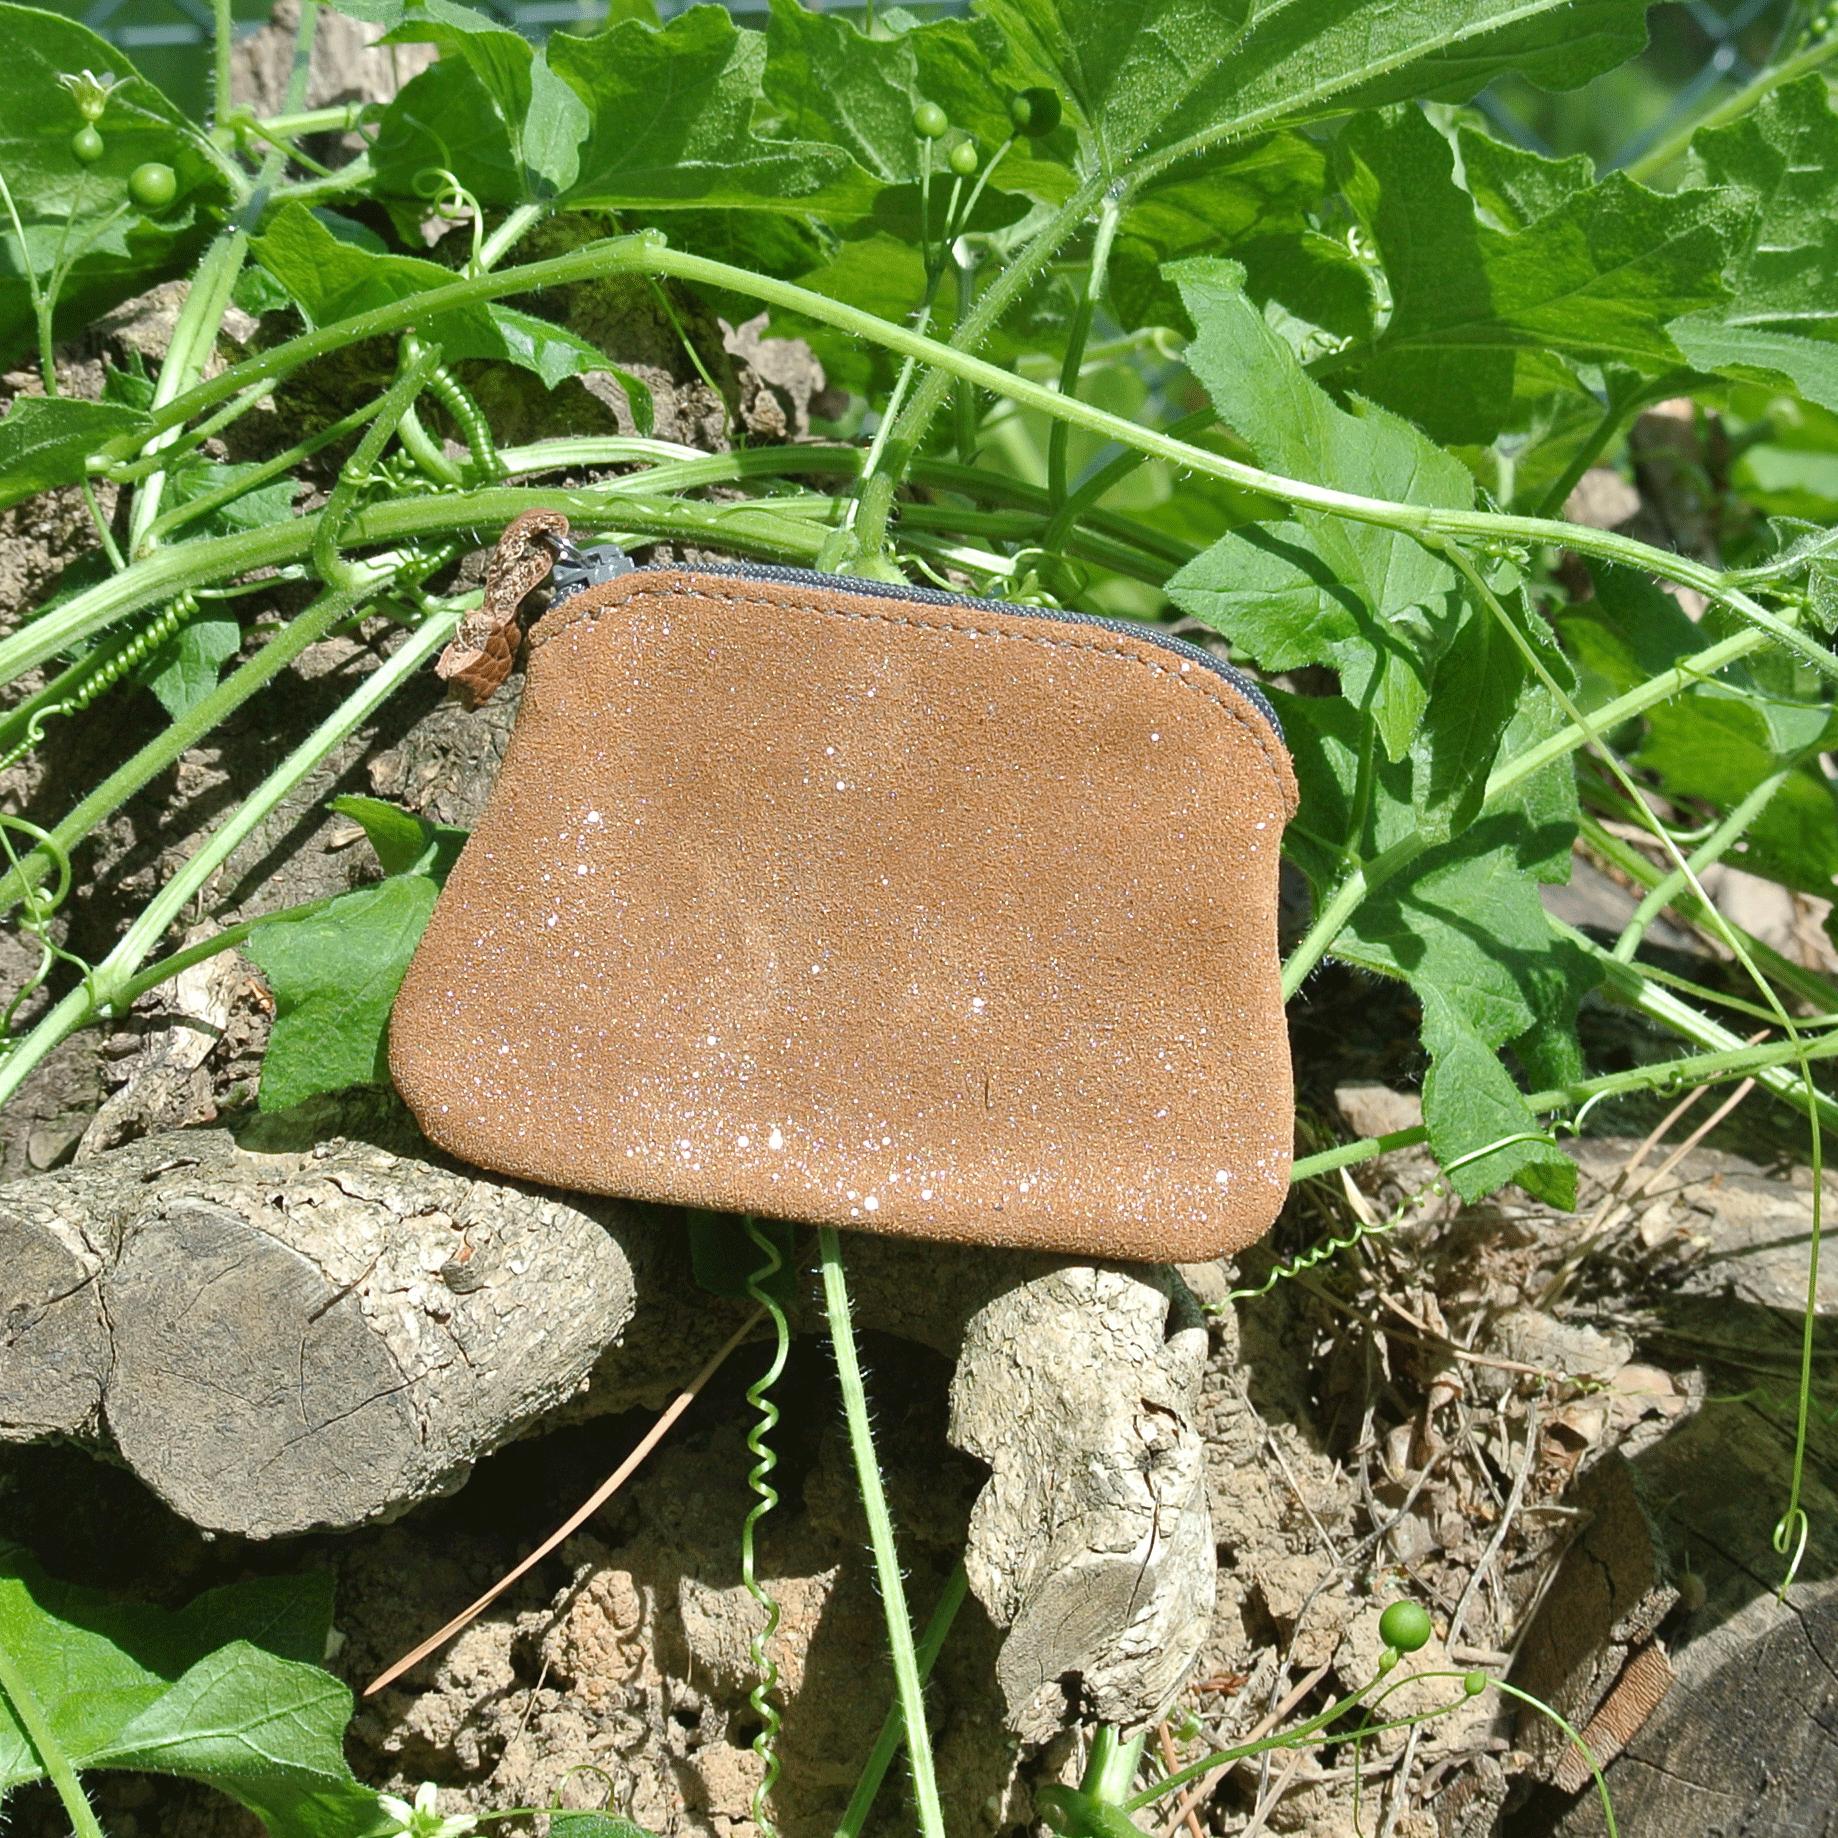 cuirs-fantaisies-la-cartabliere-fabrique-en-france-porte-monnaie-kiwi-en-cuir-paillete-ecorce